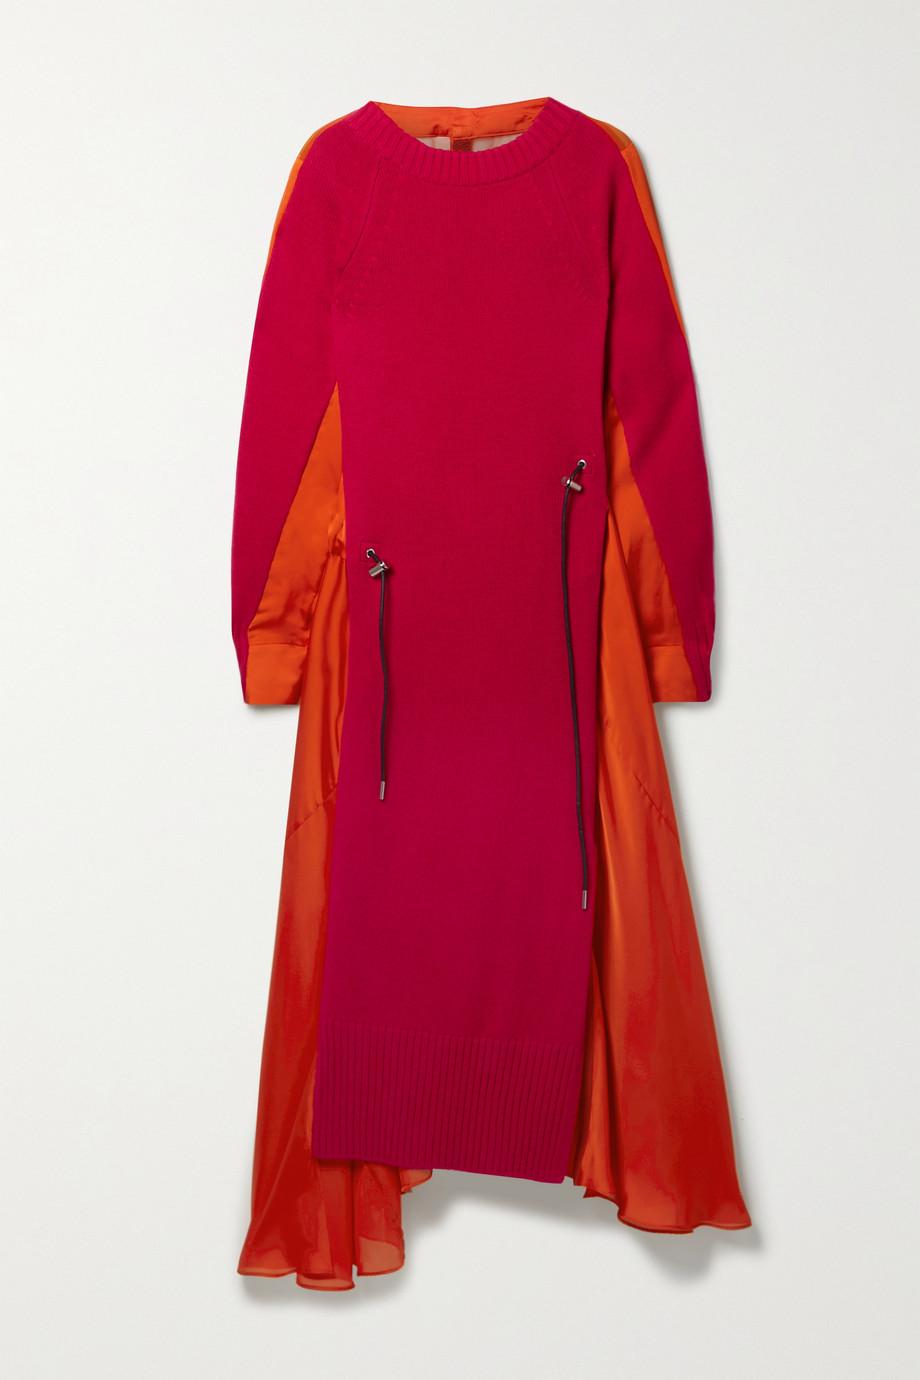 Sacai Asymmetric paneled wool, satin and chiffon dress